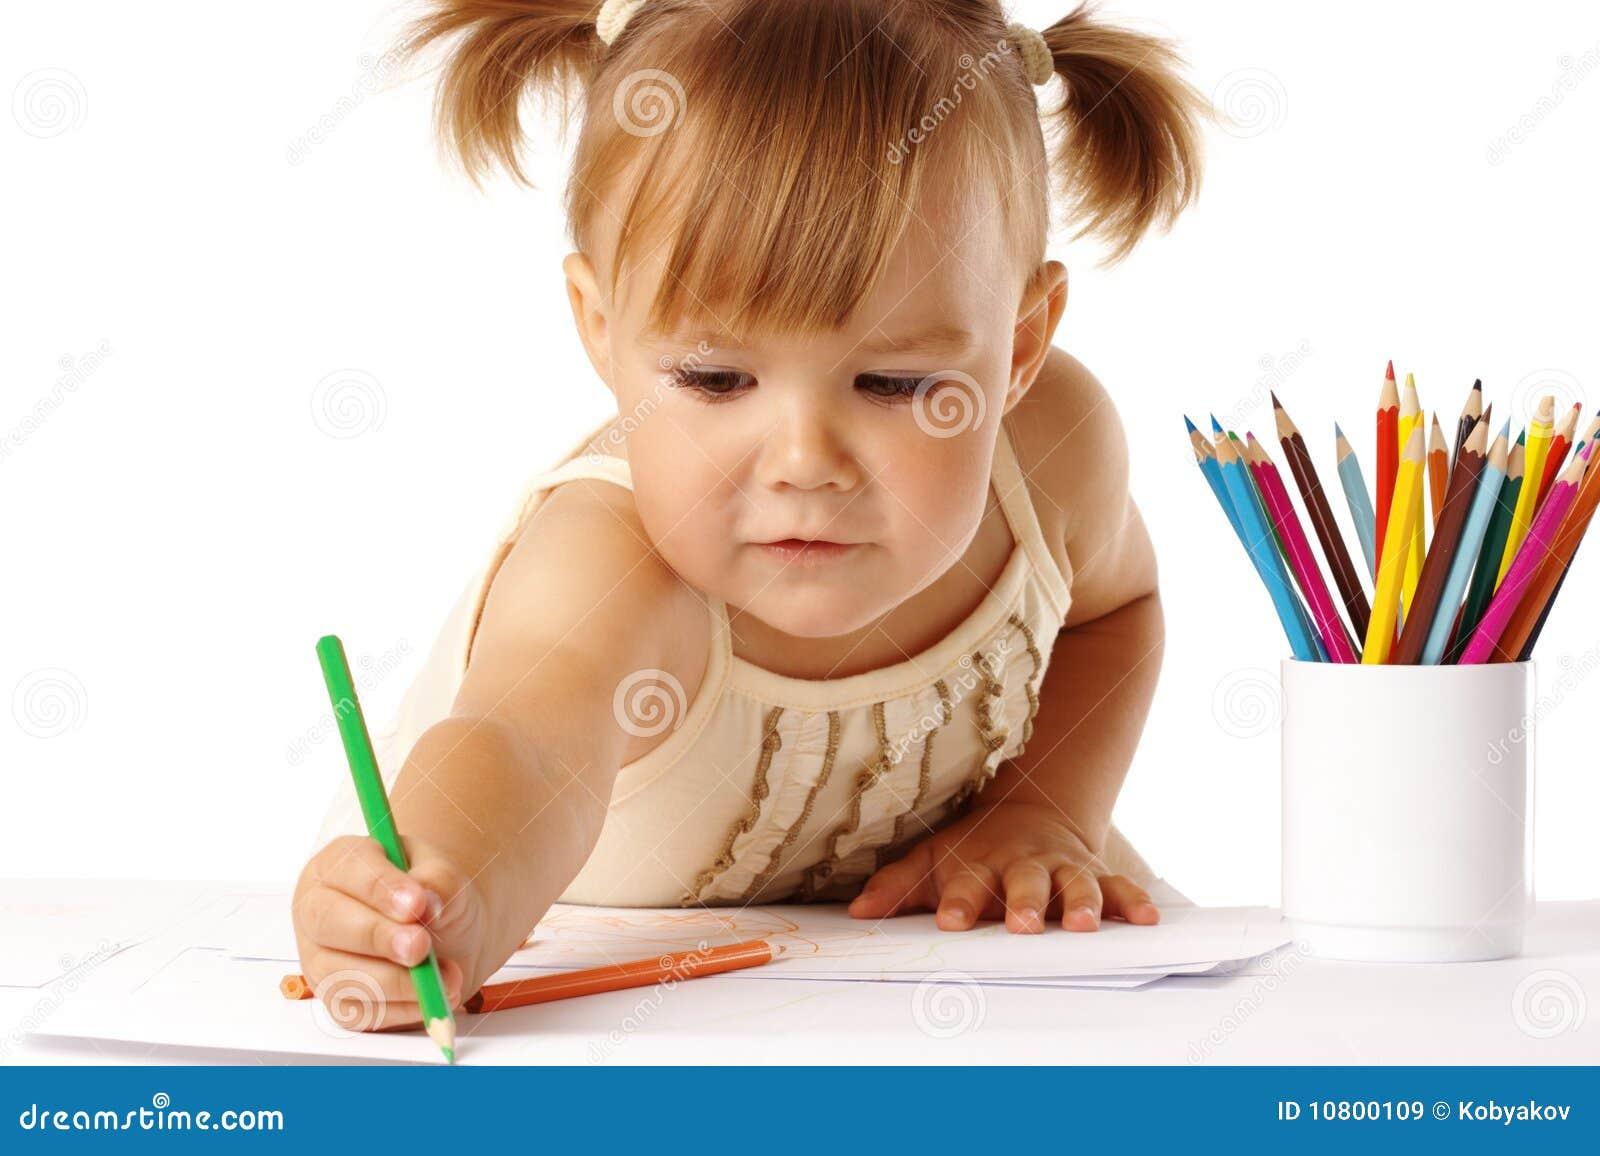 Barnet crayons gullig draw